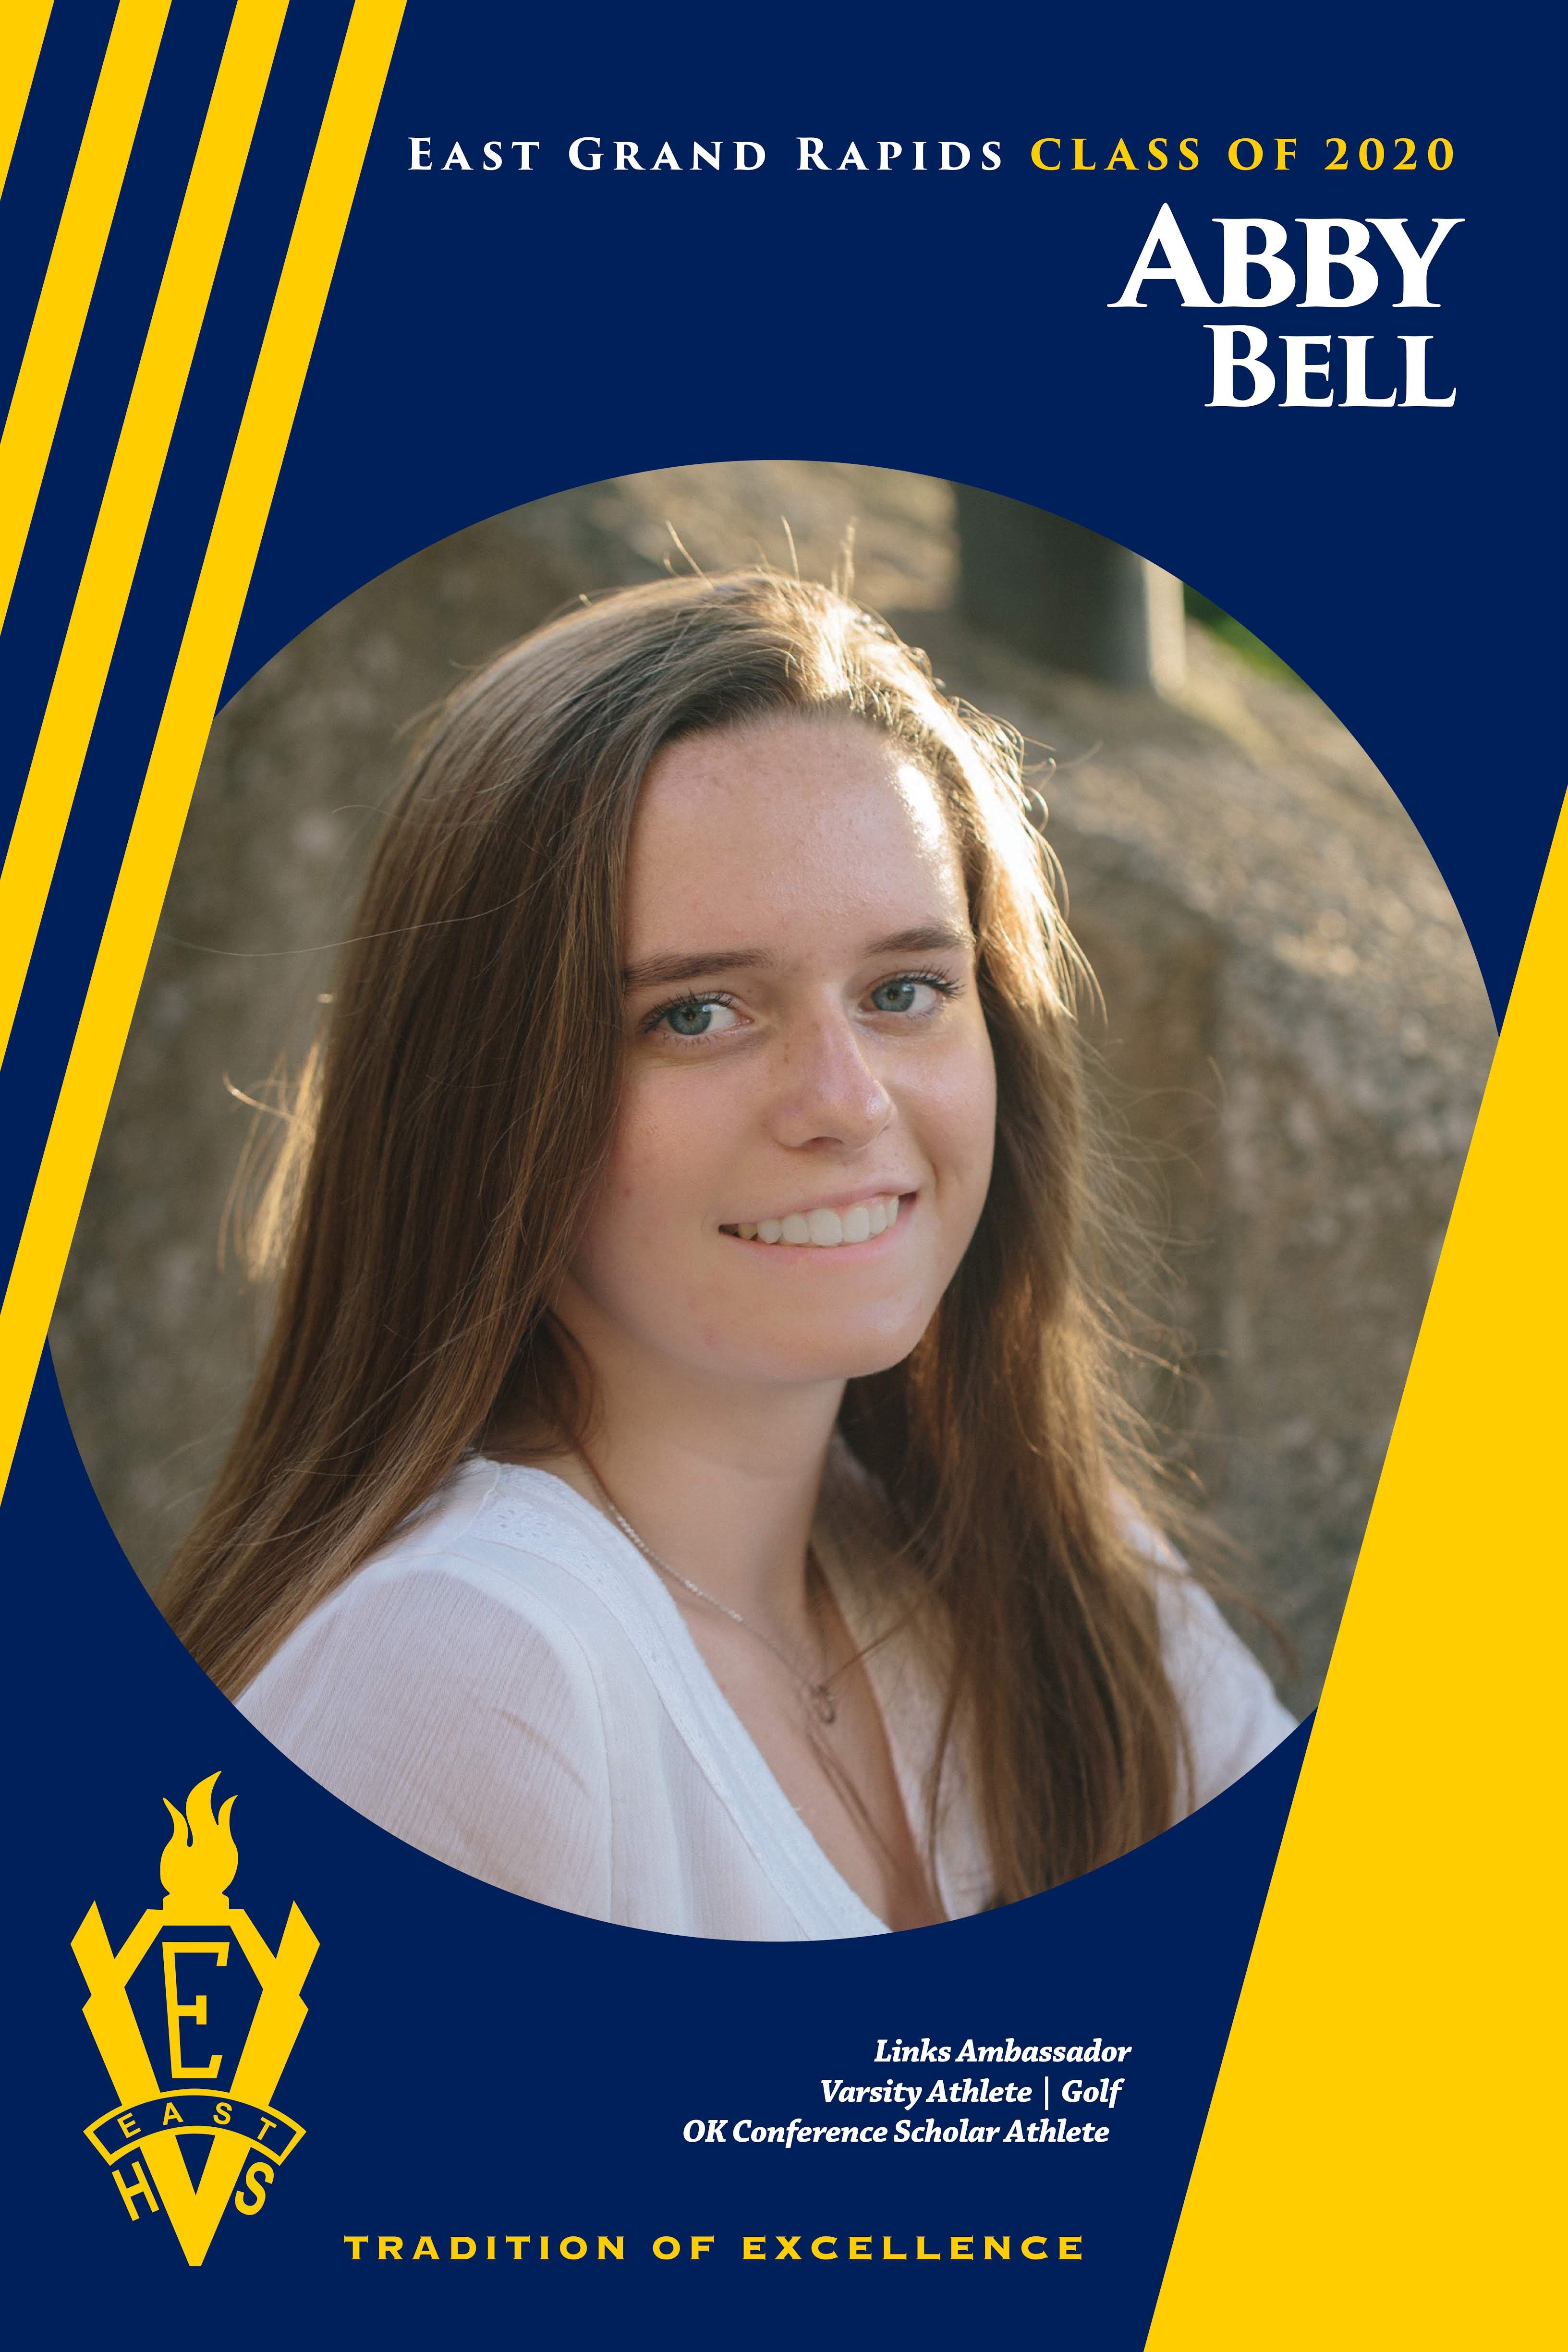 Abby Bell